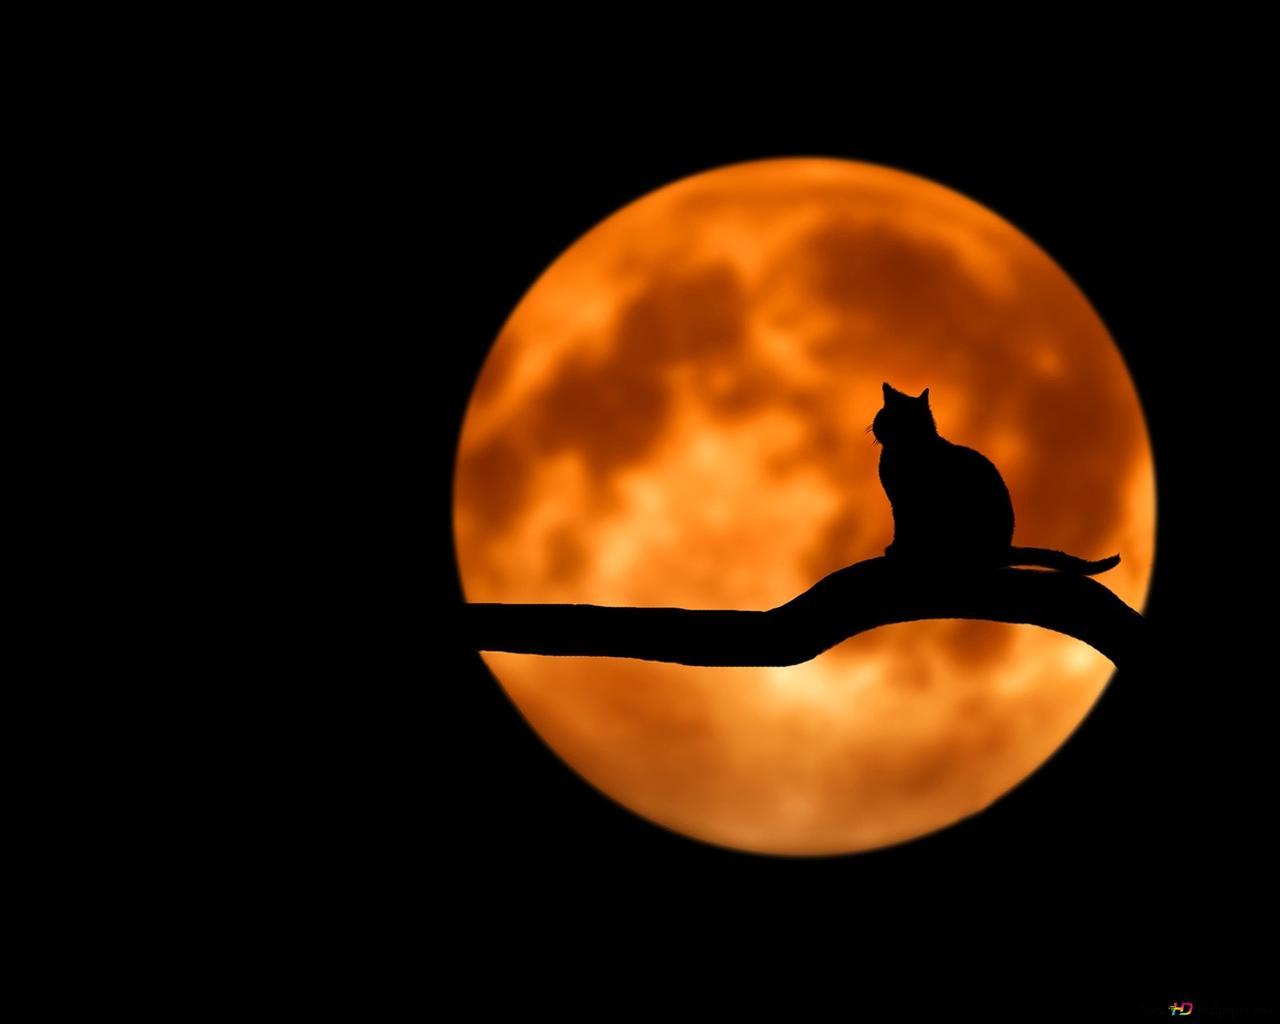 月の猫のシルエット Hd壁紙のダウンロード